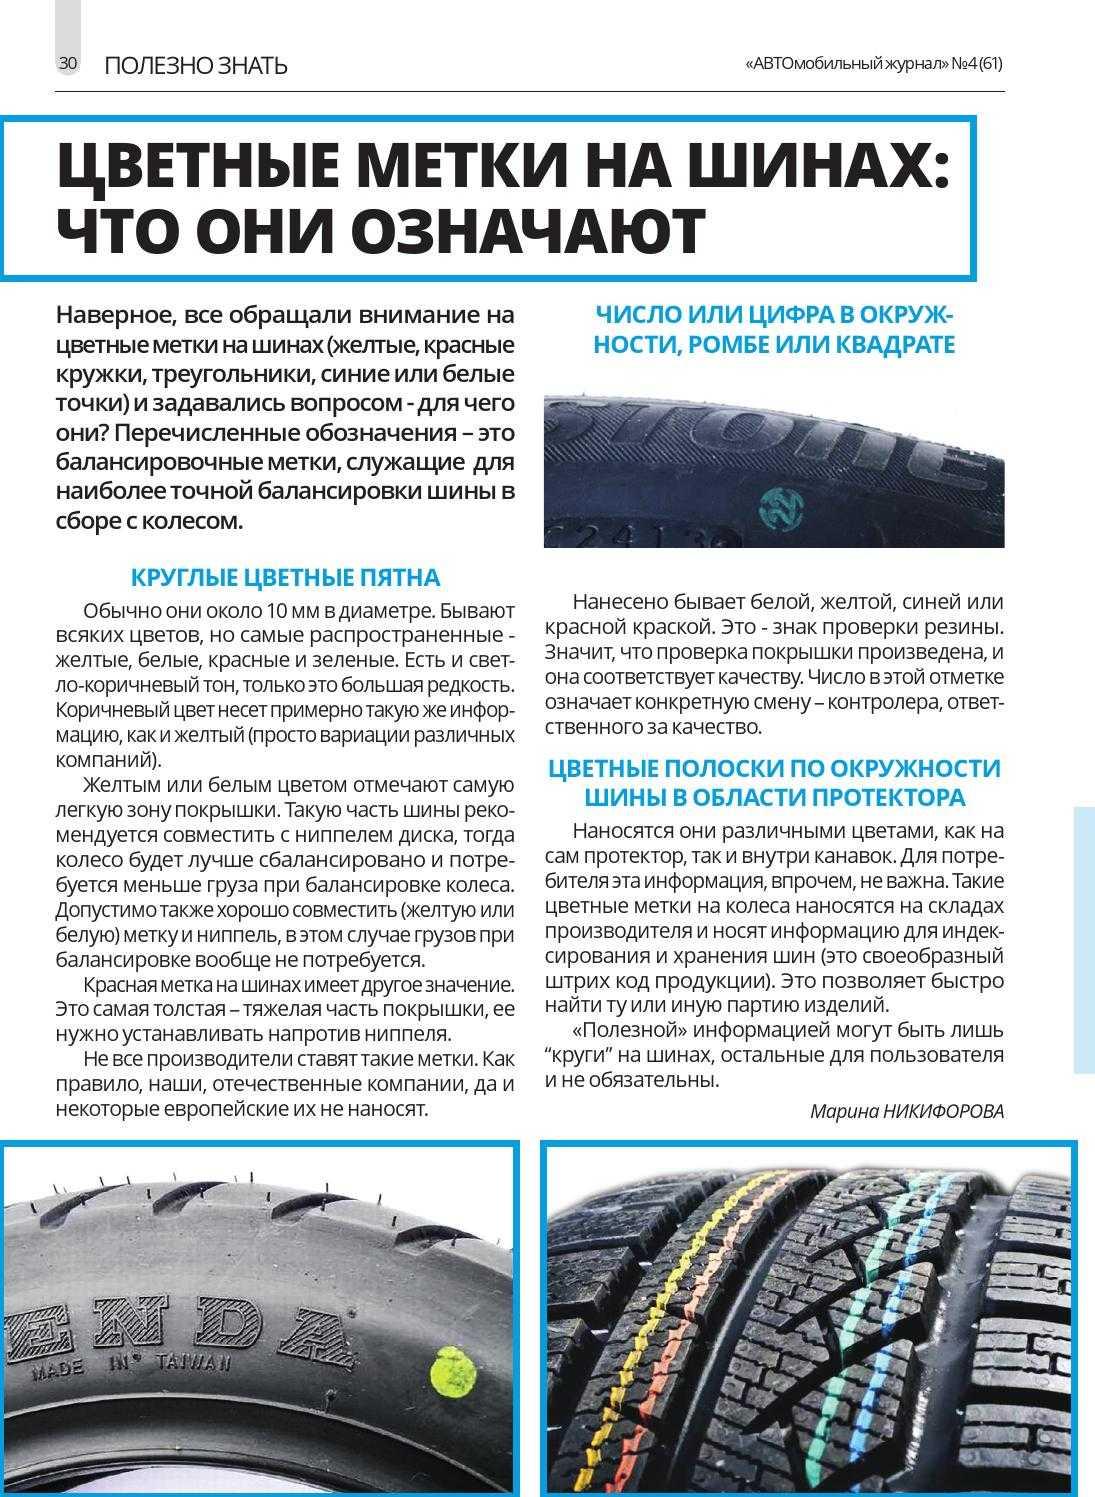 Цветные точки и полоски на автомобильных шинах - что они означают и о чем могут сообщить водителю